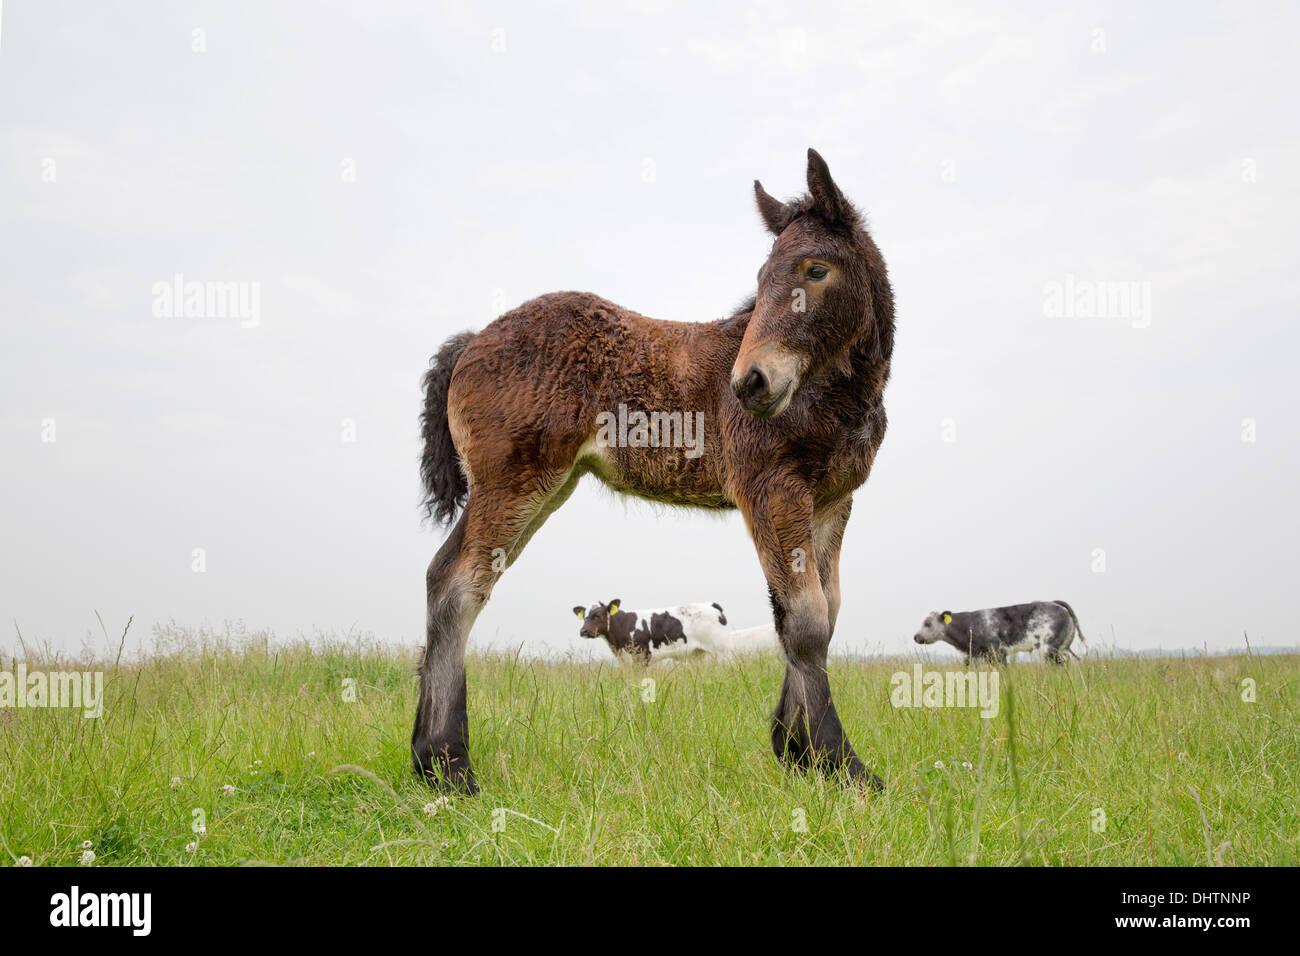 Netherlands, Noordbeemster, Beemster Polder, UNESCO World Heritage Site. Belgian or Zeeland draft horse. Foal - Stock Image